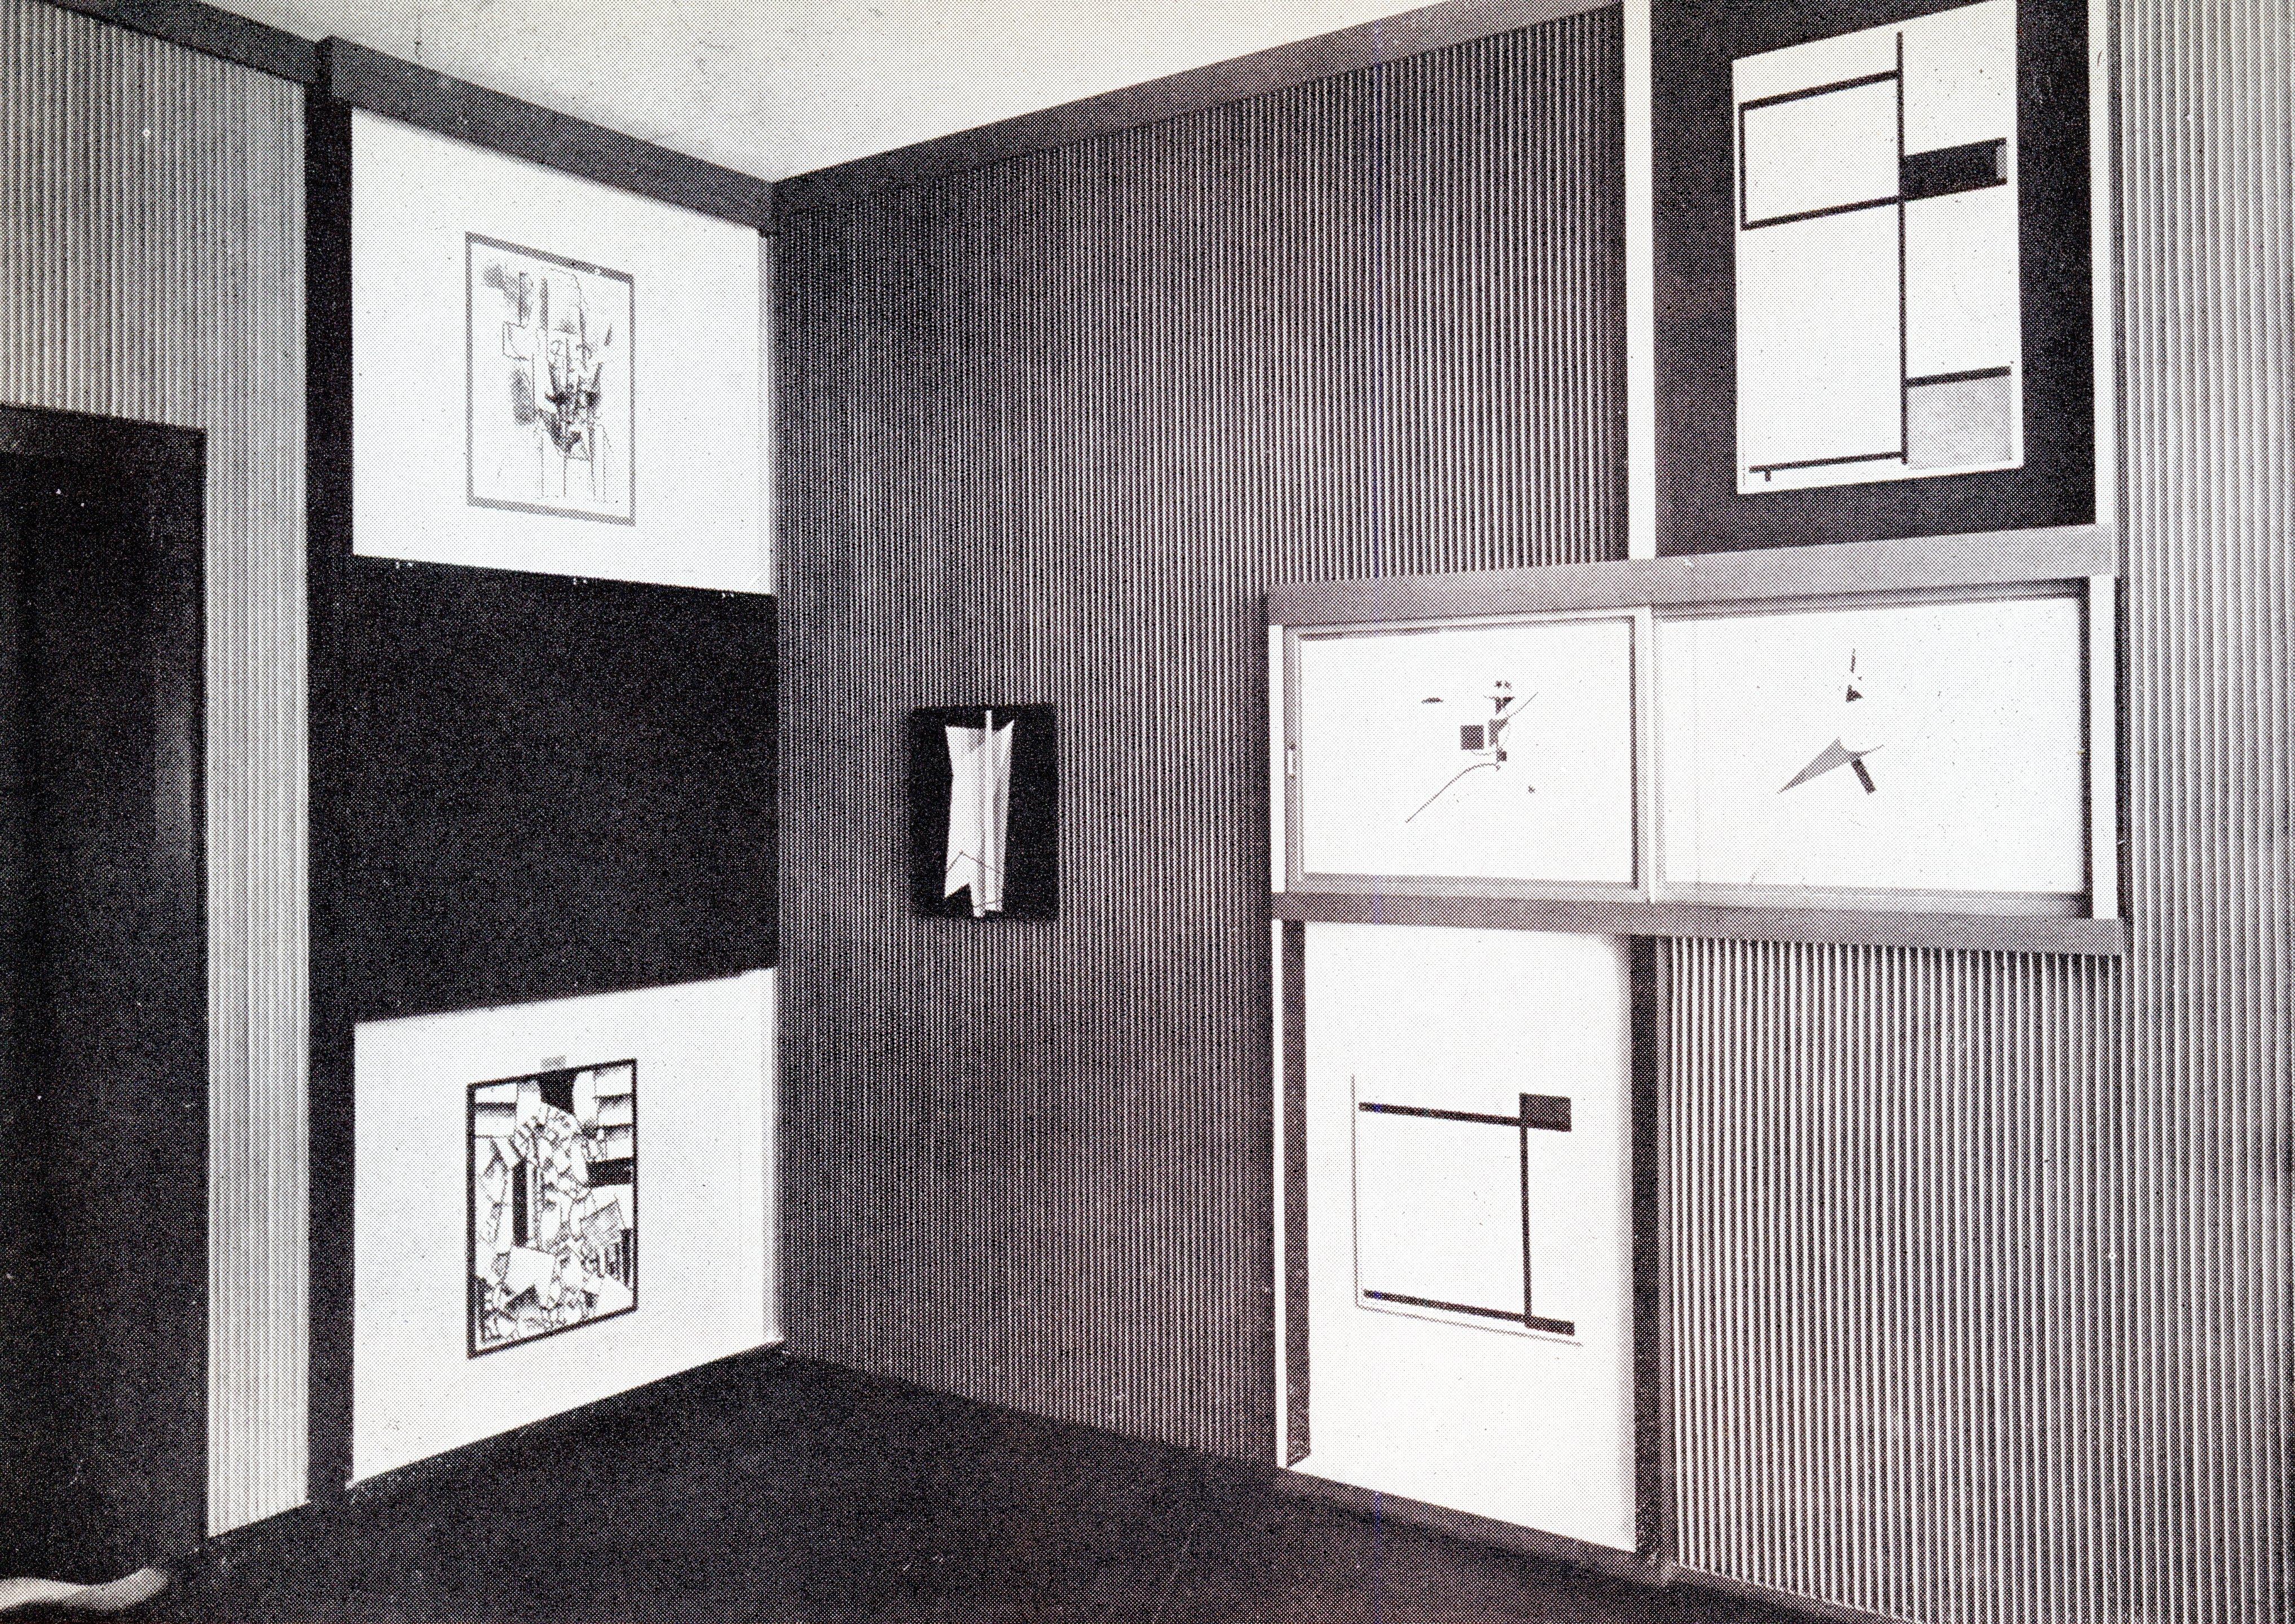 el-lissitzky-1927-8-abstract-cabinet-landesmuseum-hannover-dorner-239.jpg